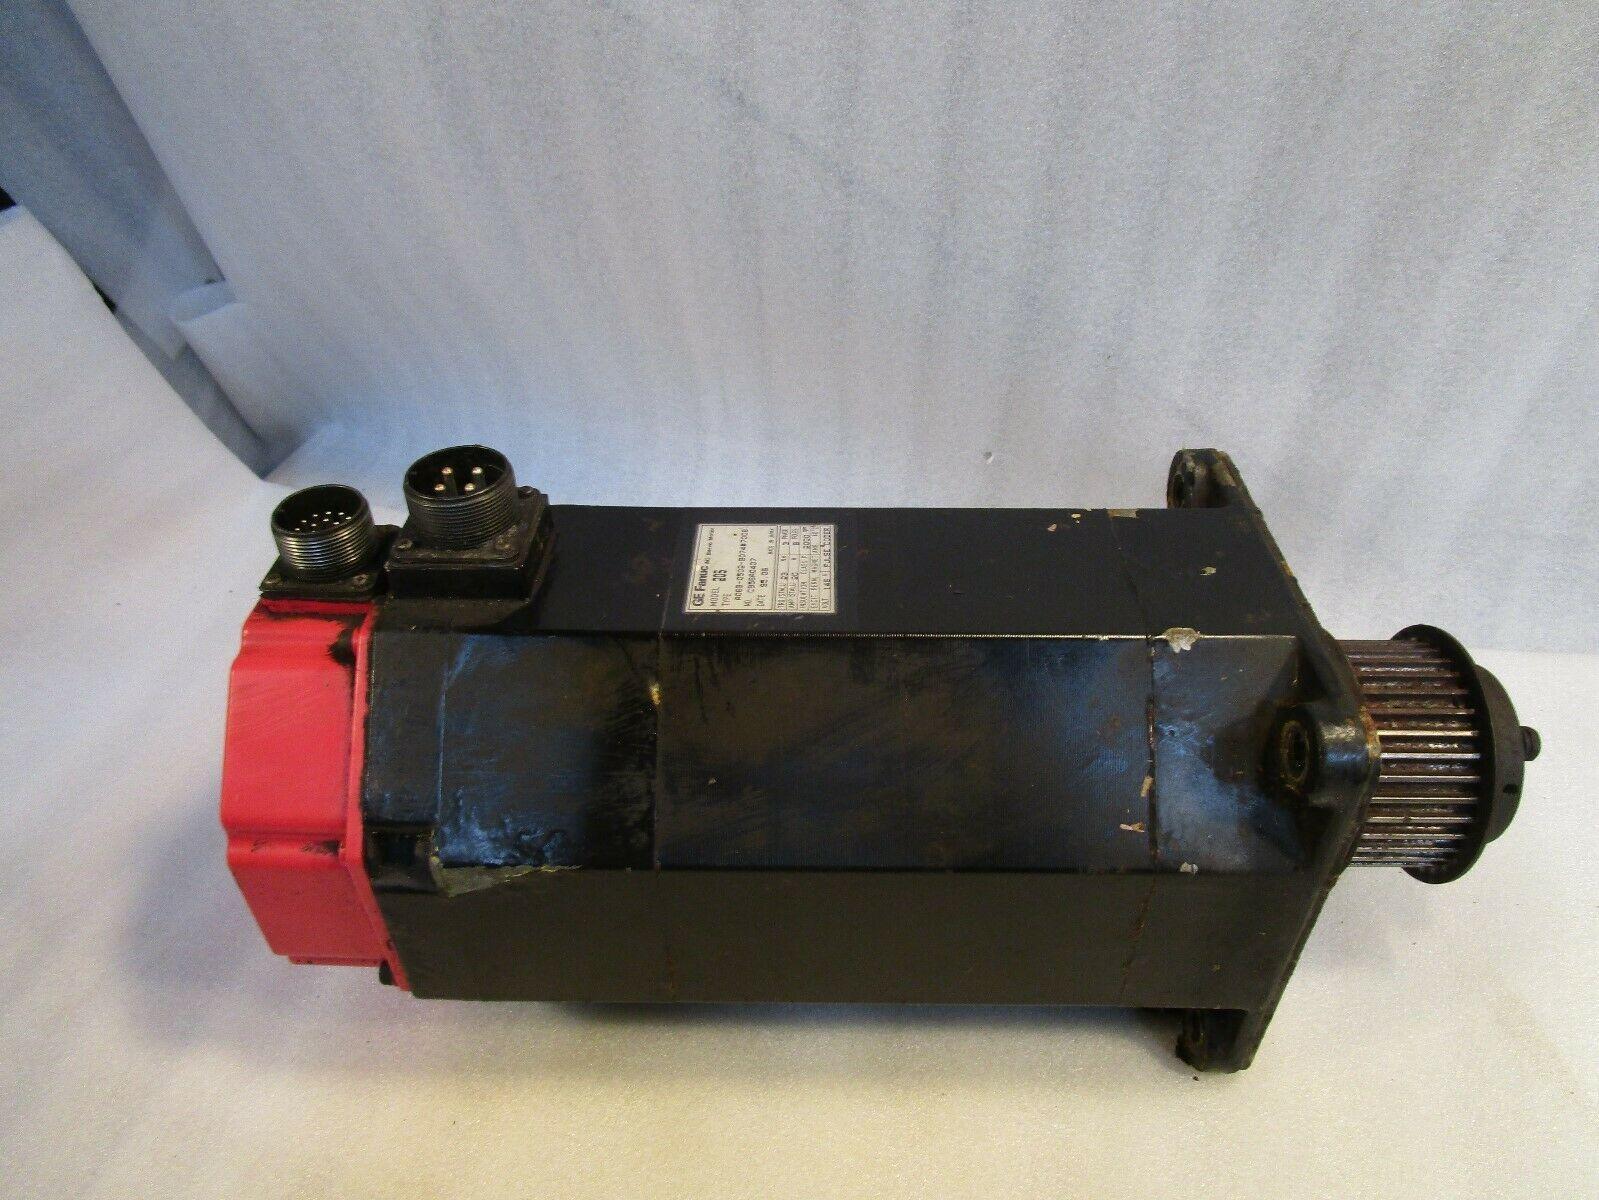 Fanuc Servo Motor 20S A06B-0502-B074 #7008